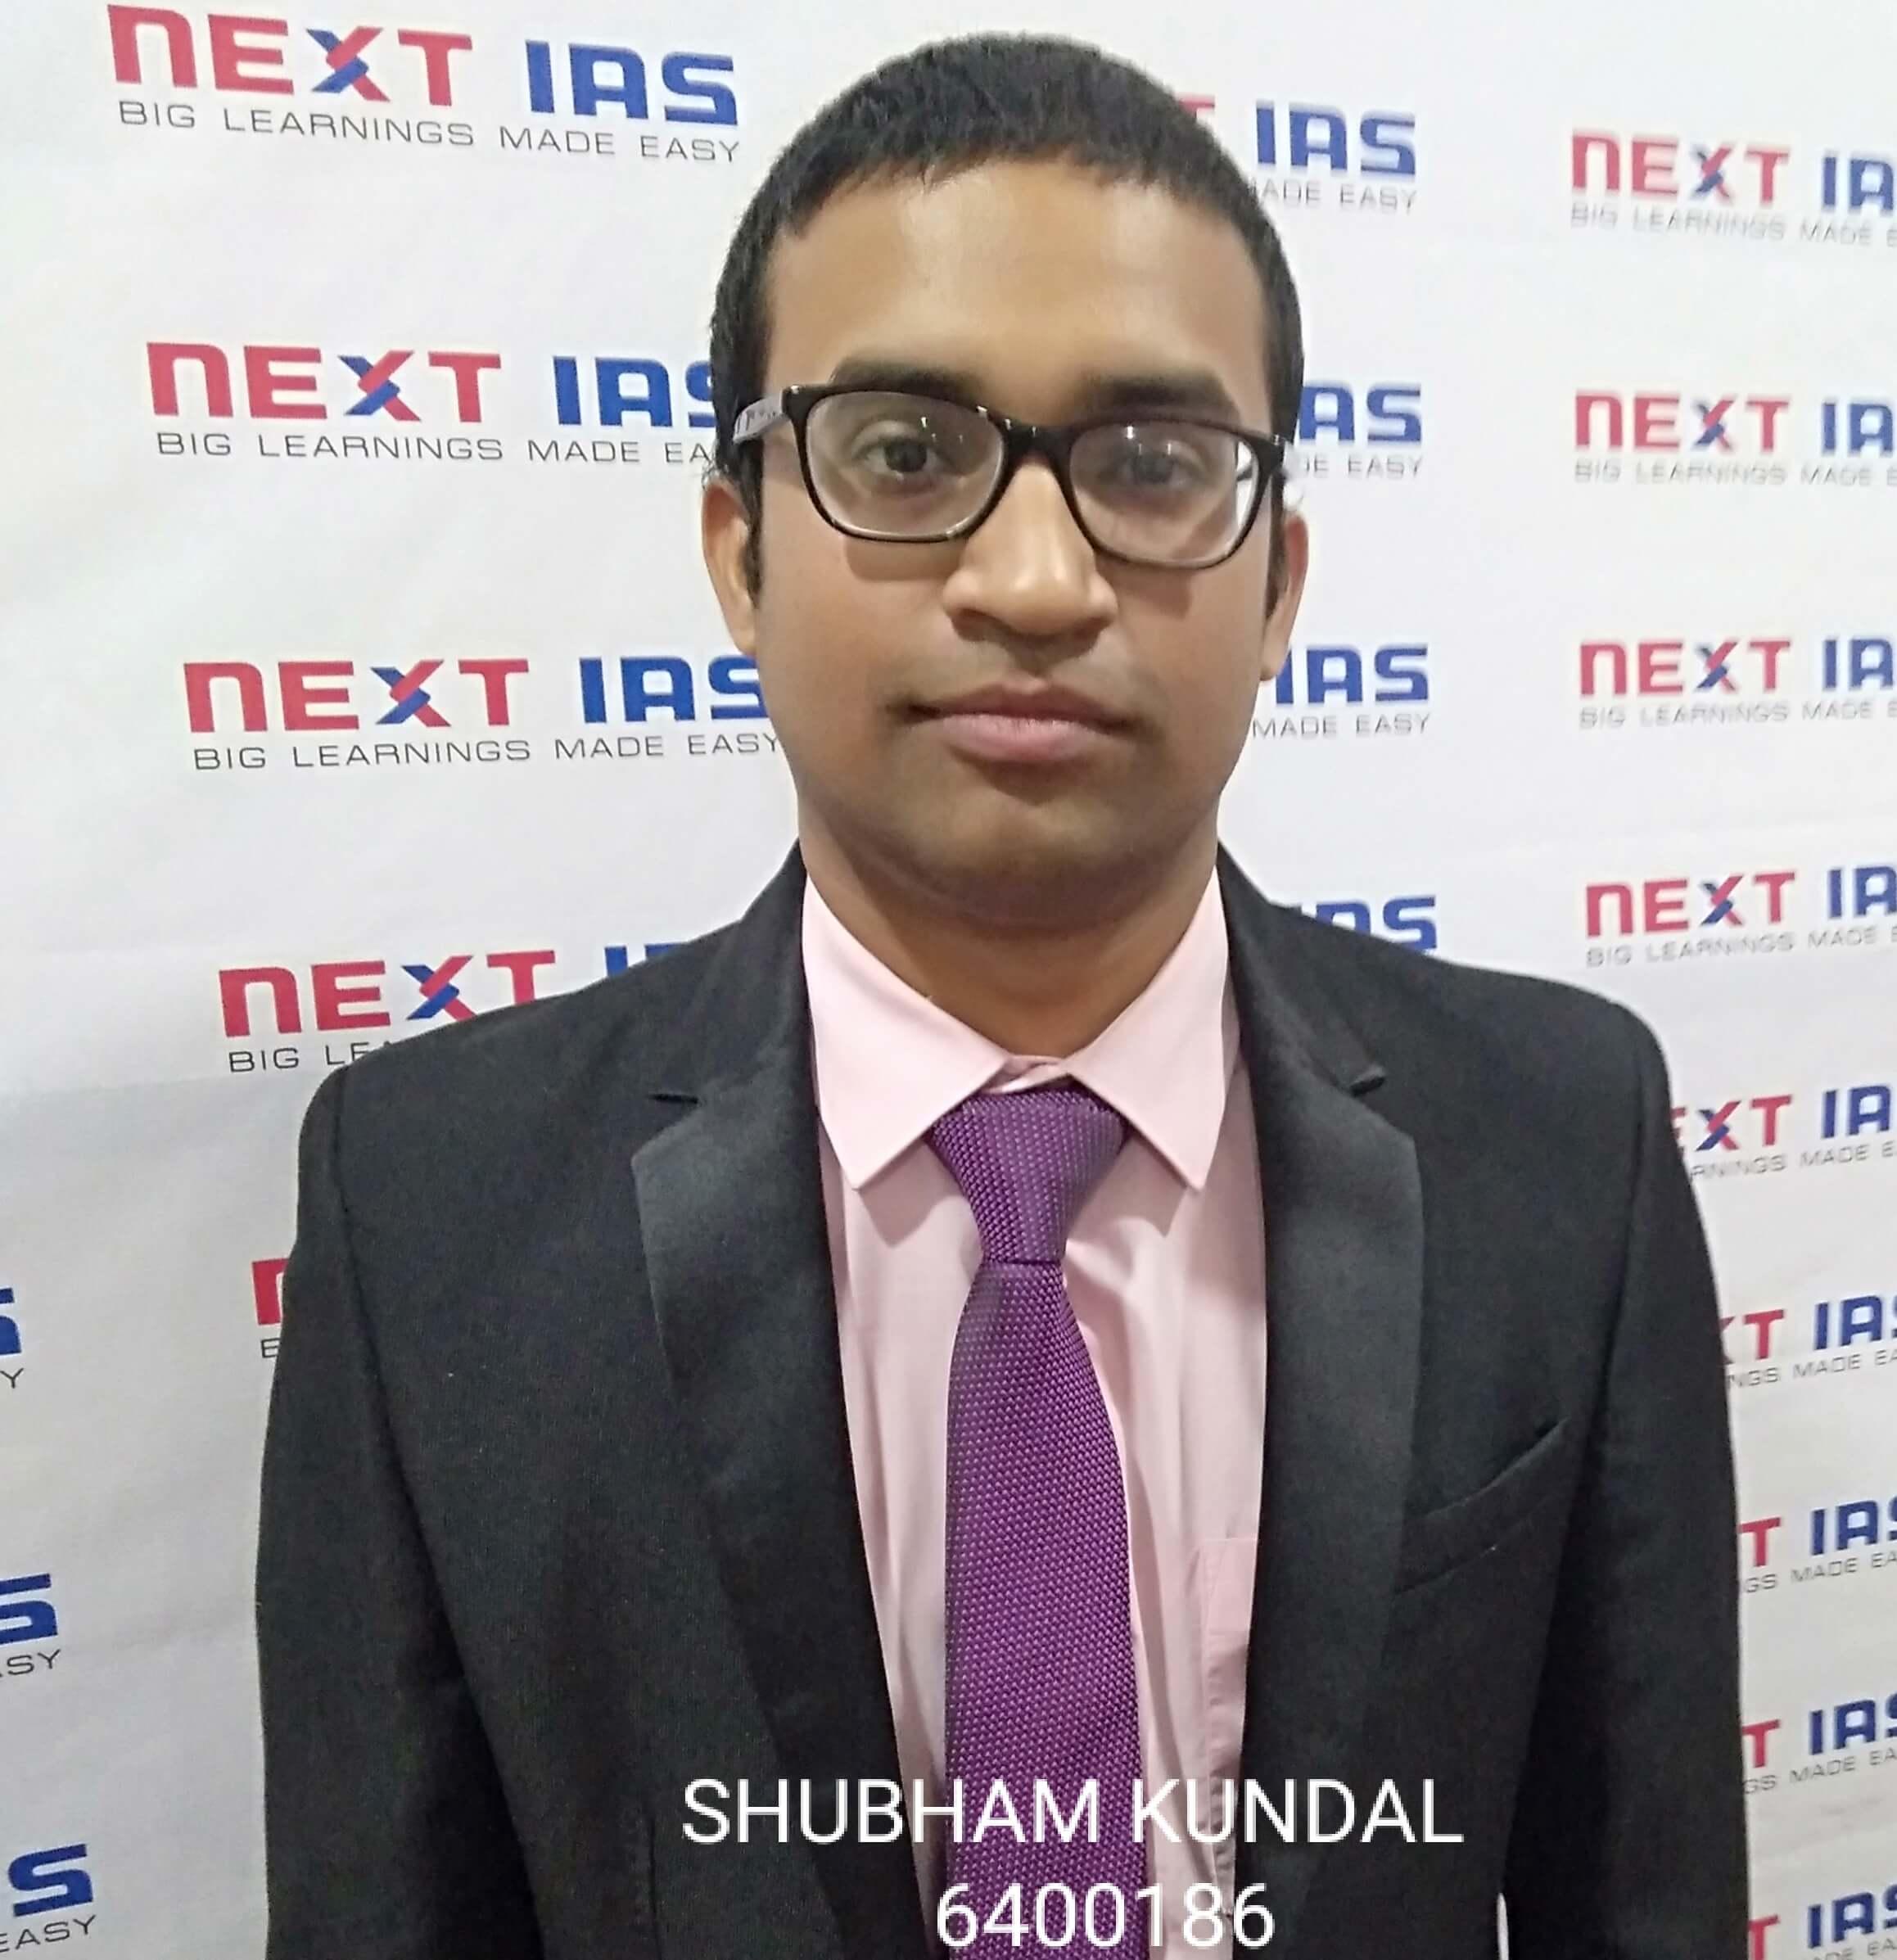 SHUBHAM KUNDAL